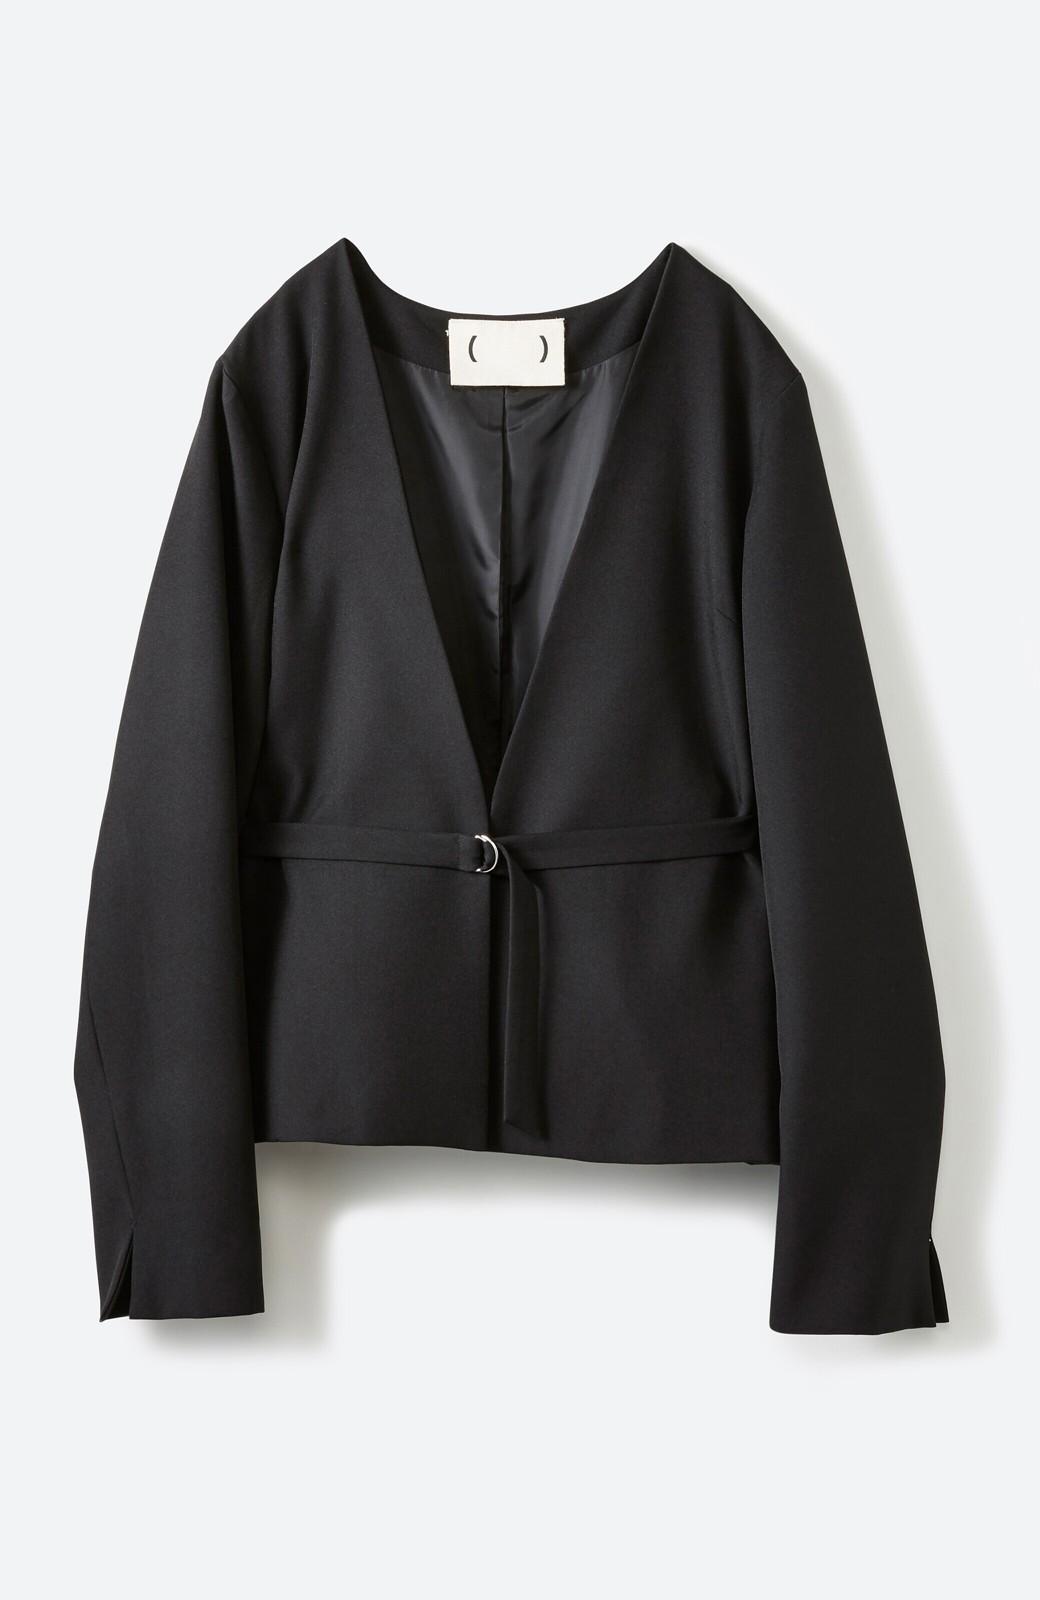 haco! 持っていると便利な野暮ったくならないフォーマルジャケット・パンツ・スカートの3点セット <ブラック>の商品写真2